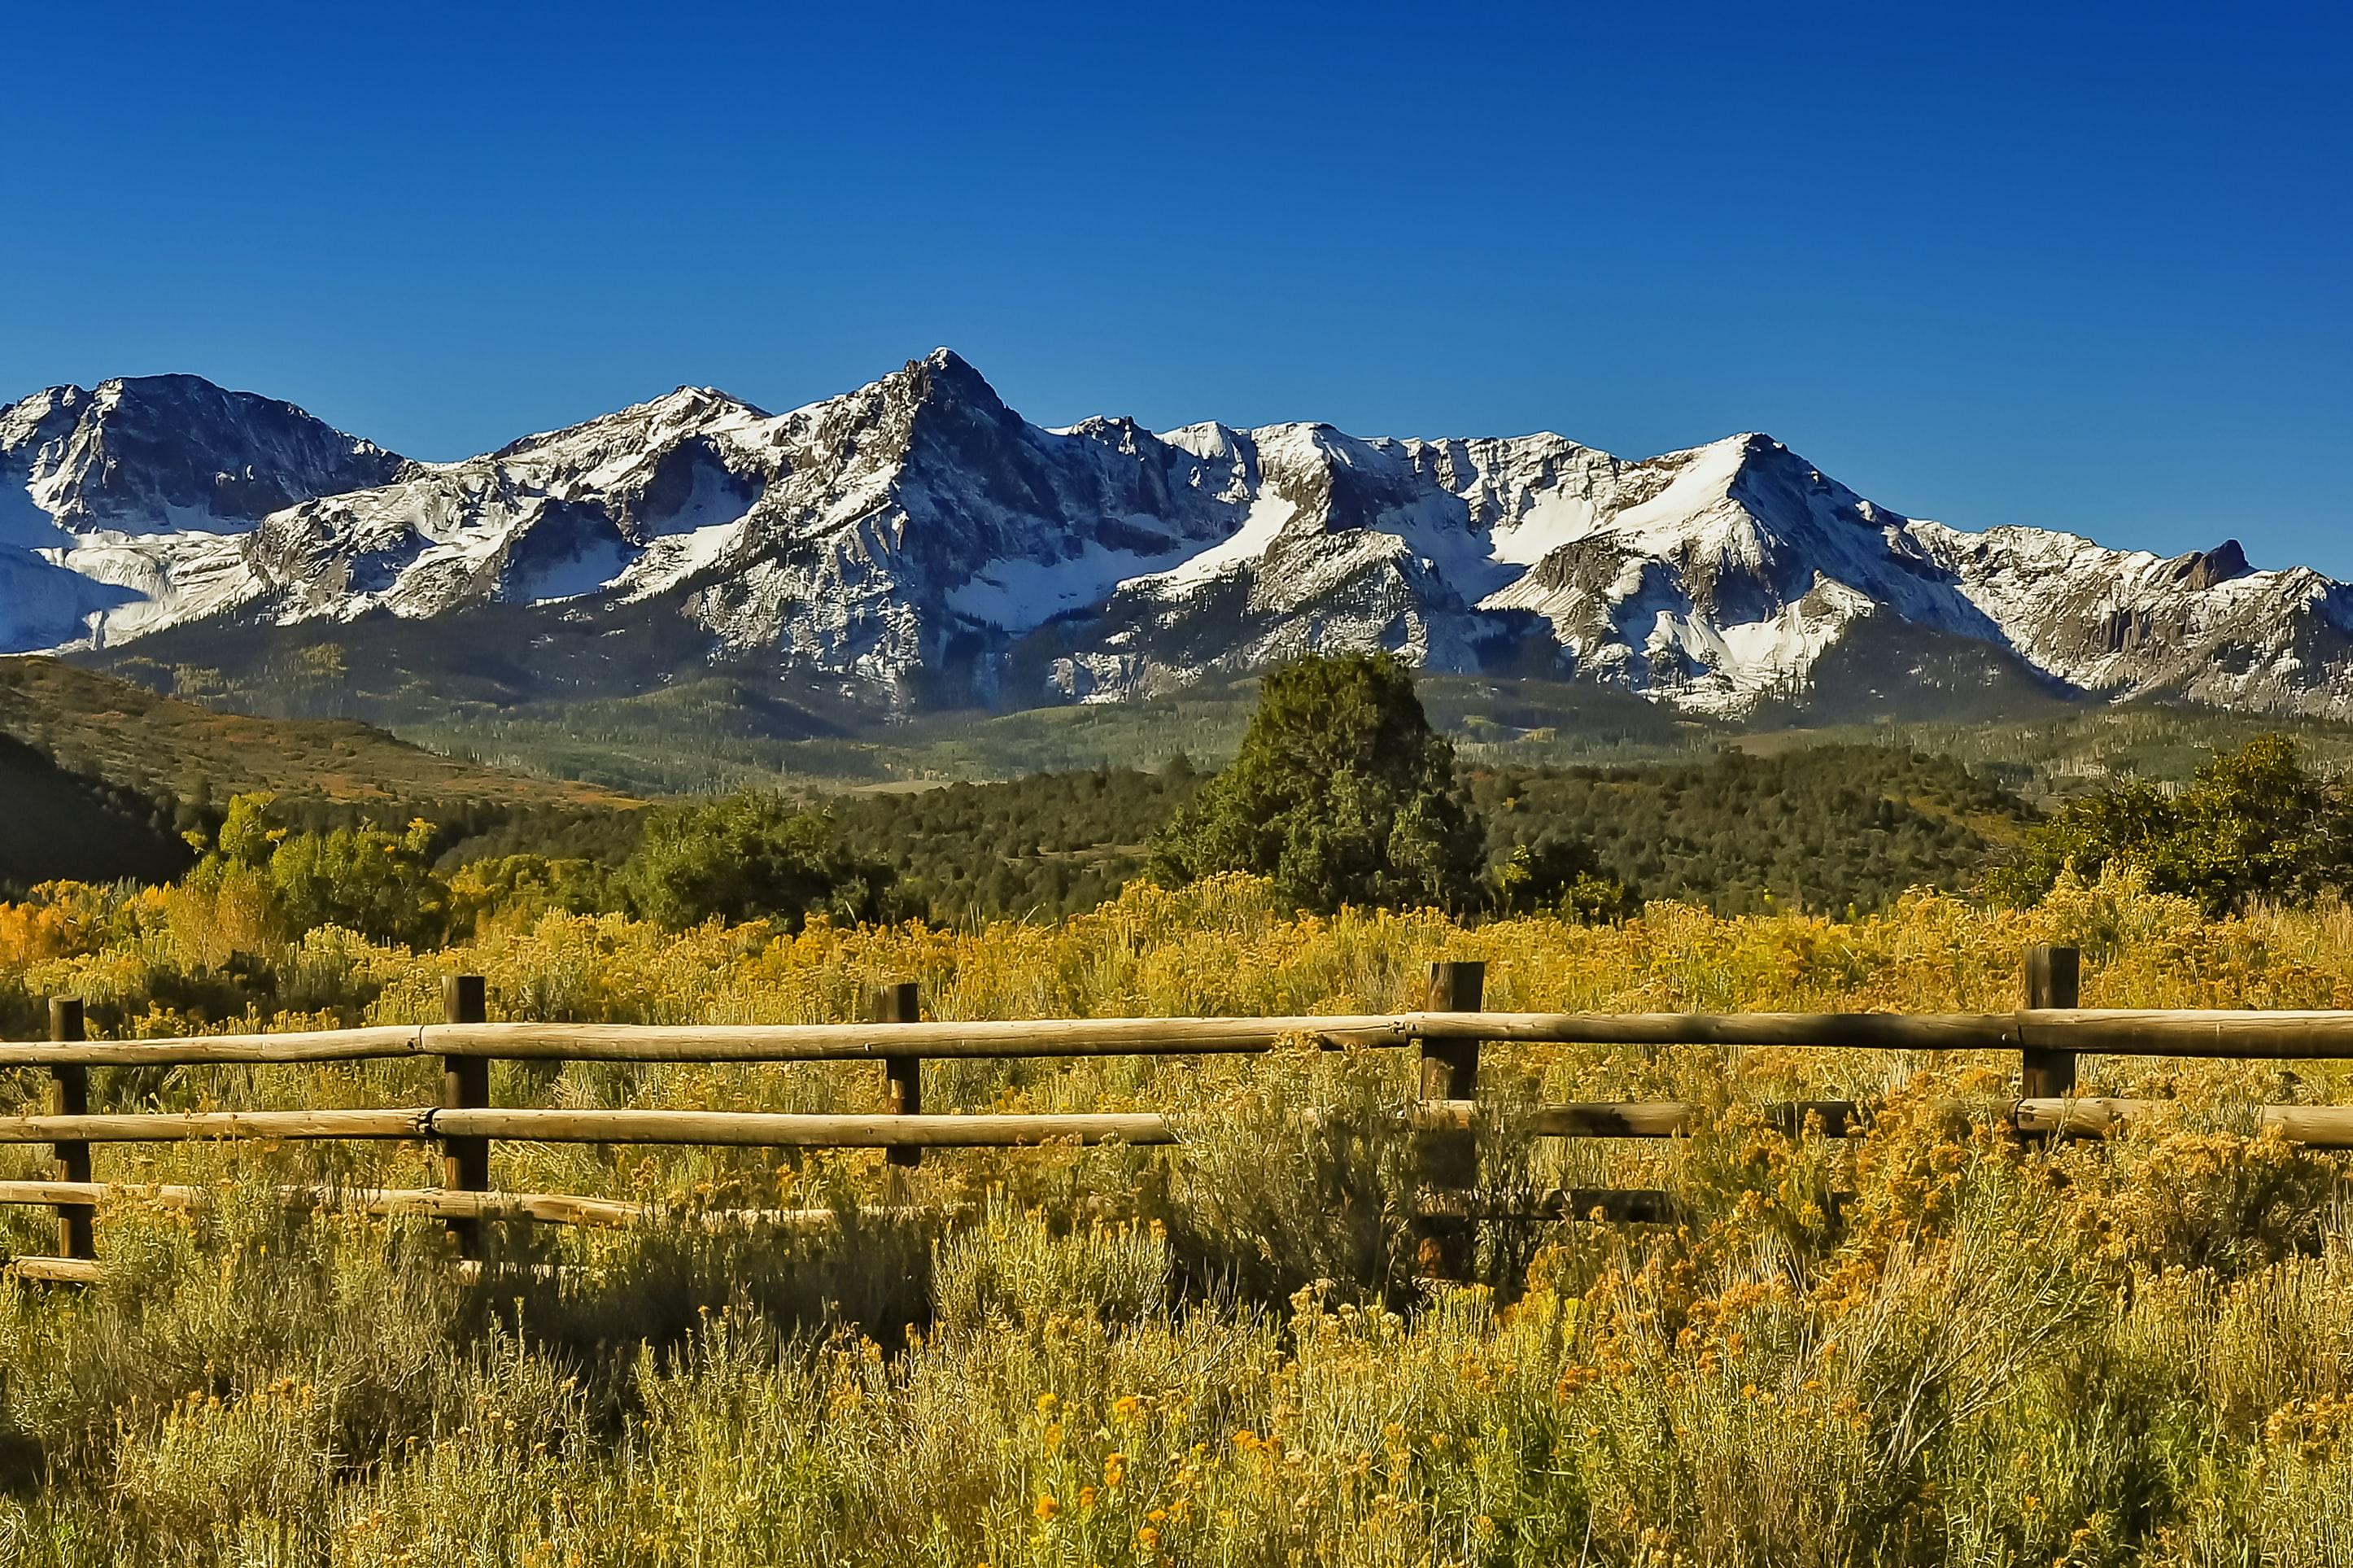 The San Juan Mountains are beautiful!